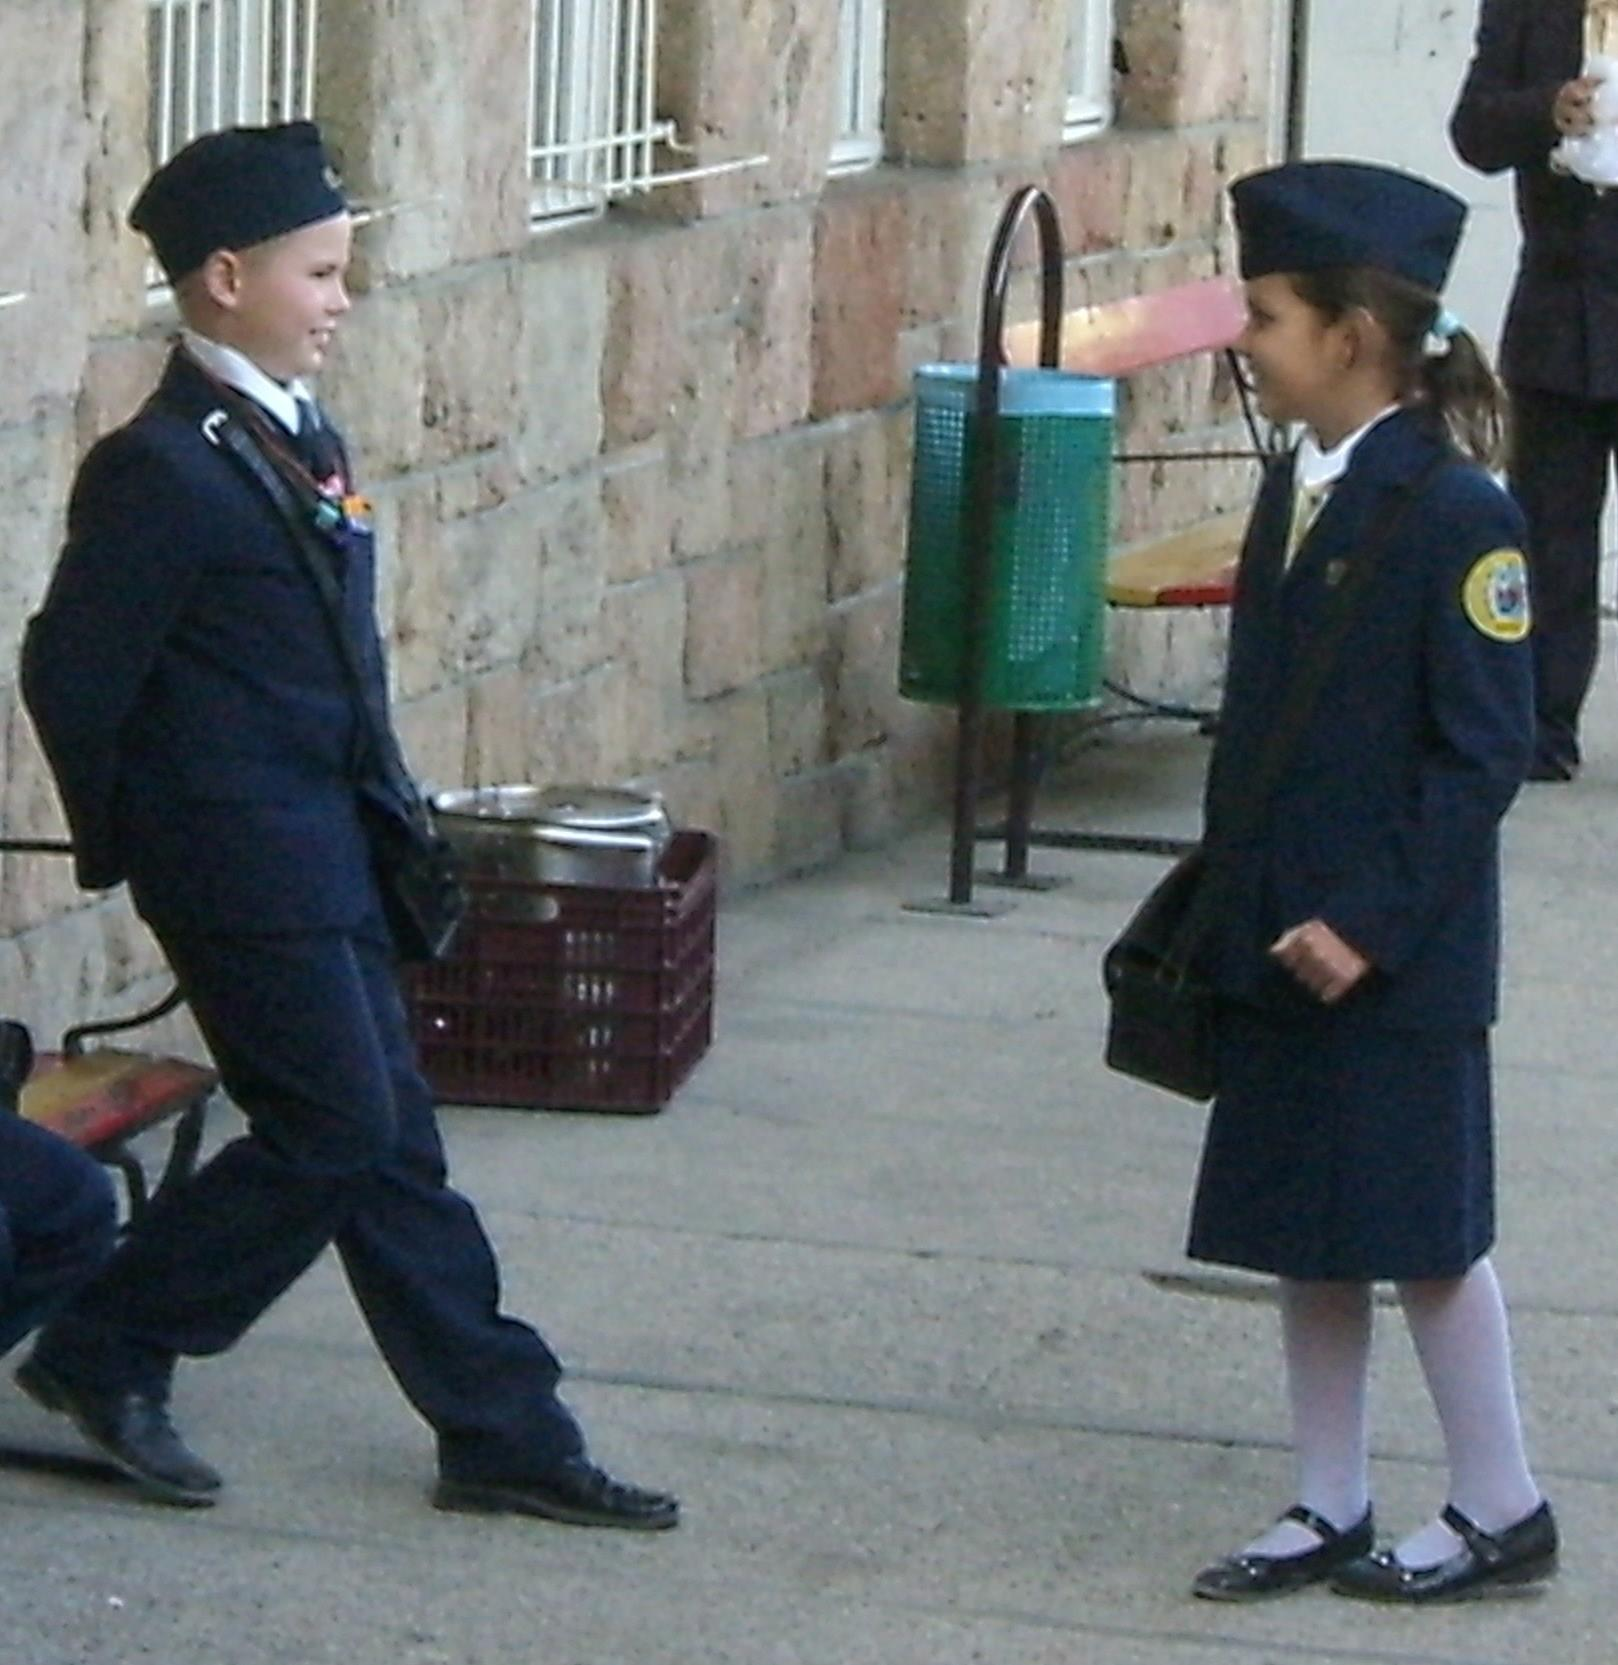 Le train des enfants à Budapest ; un héritage de l'idéologie communiste en Hongrie 1